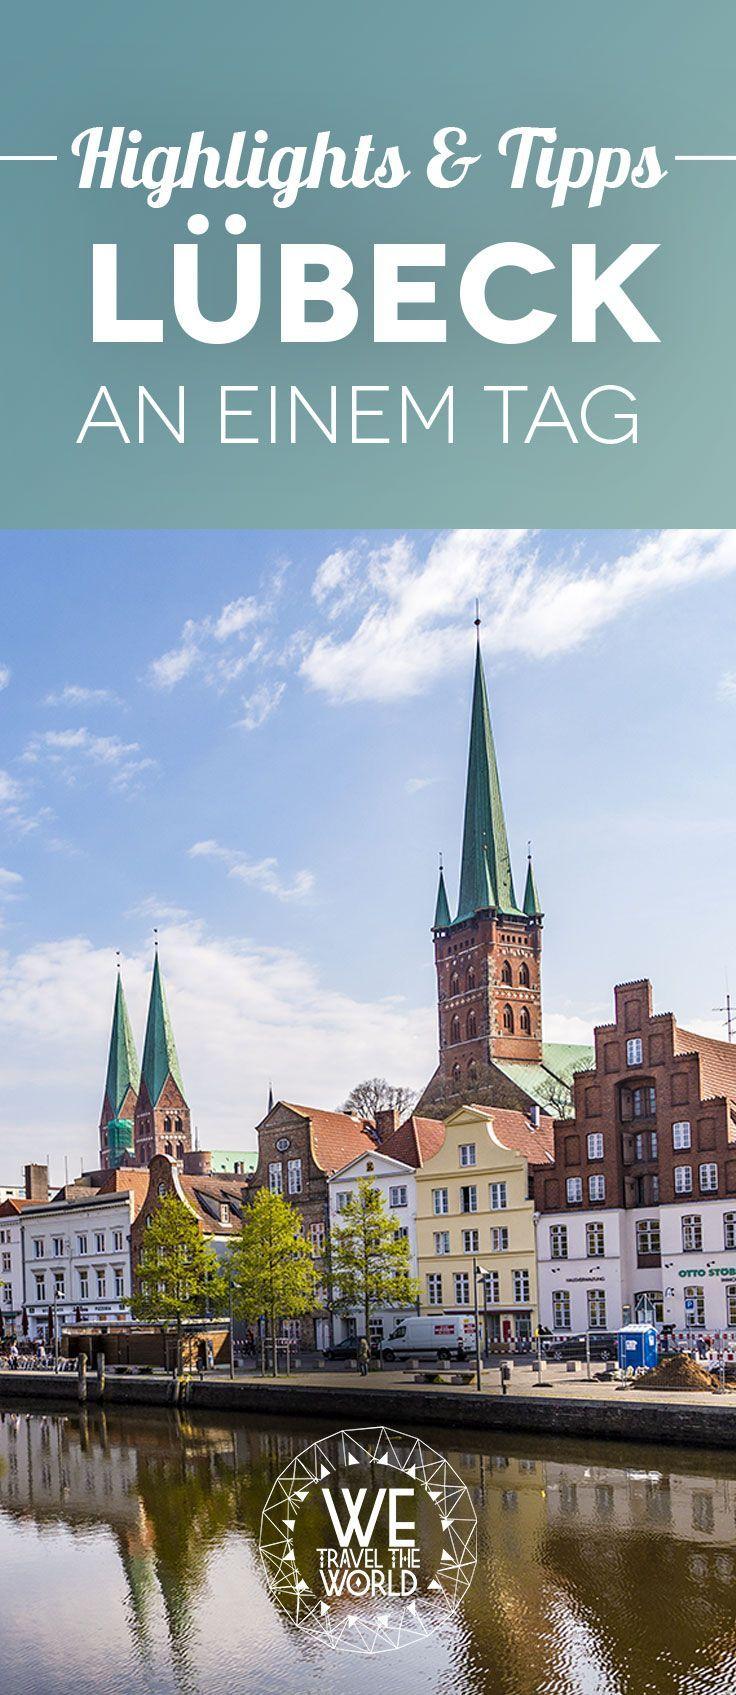 Die 7 Besten Lubeck Sehenswurdigkeiten Reisetipps An Einem Tag Reisen Reisen Deutschland Reisen In Europa